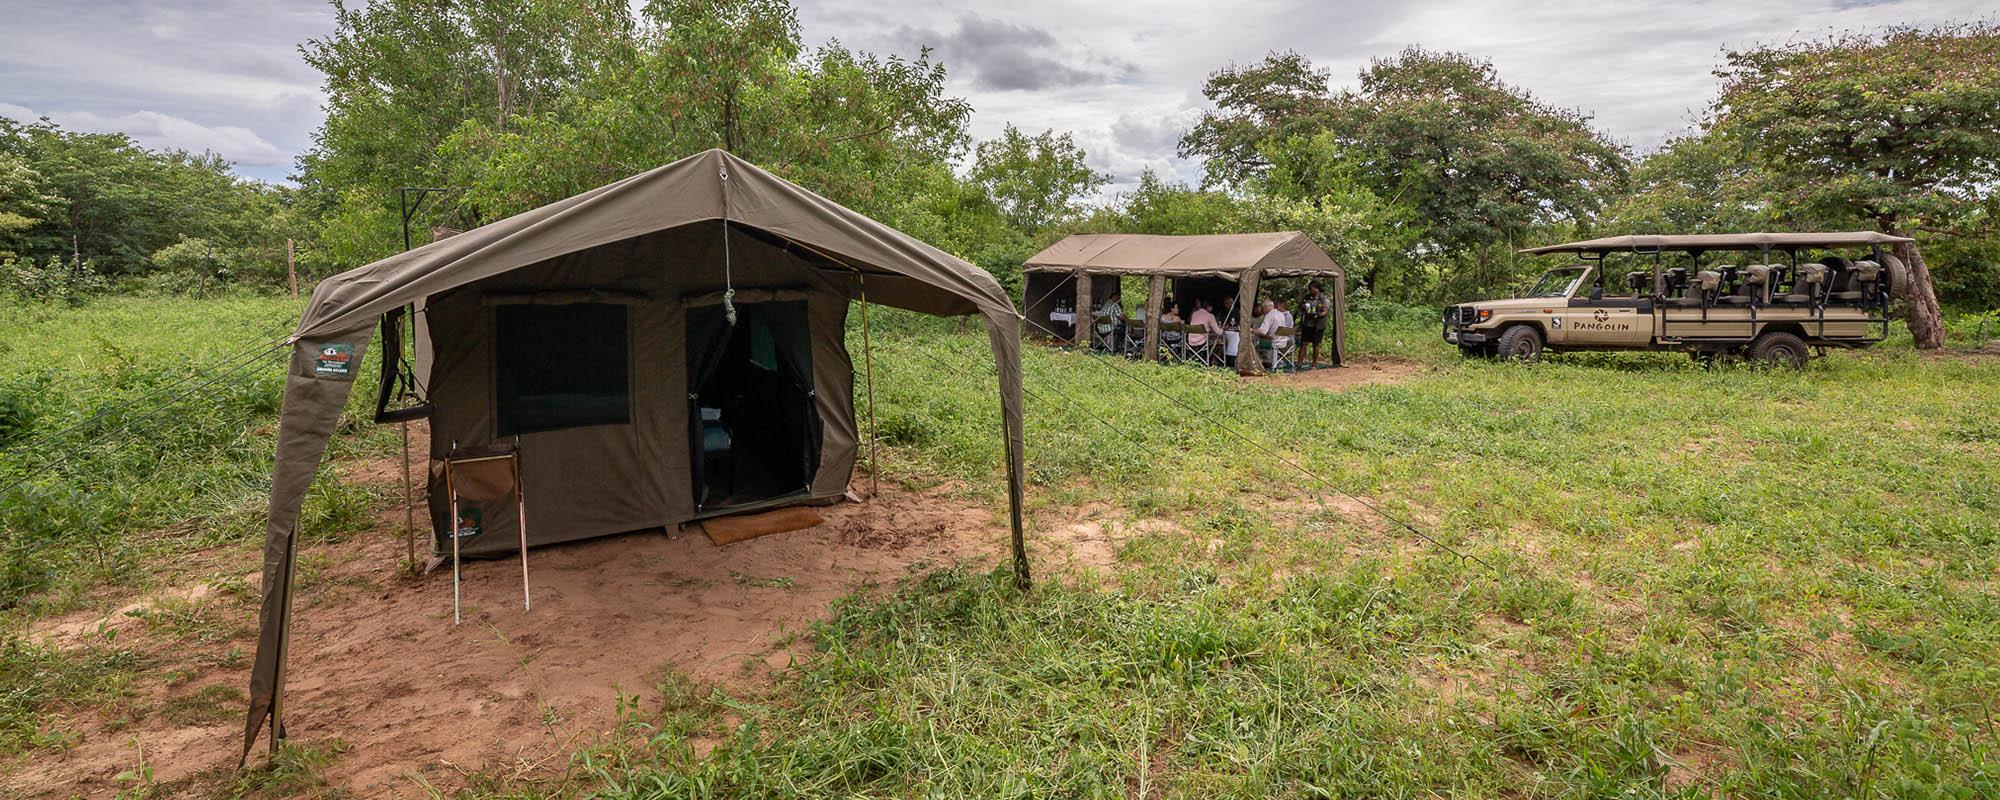 Pangolin Photo Safaris 34